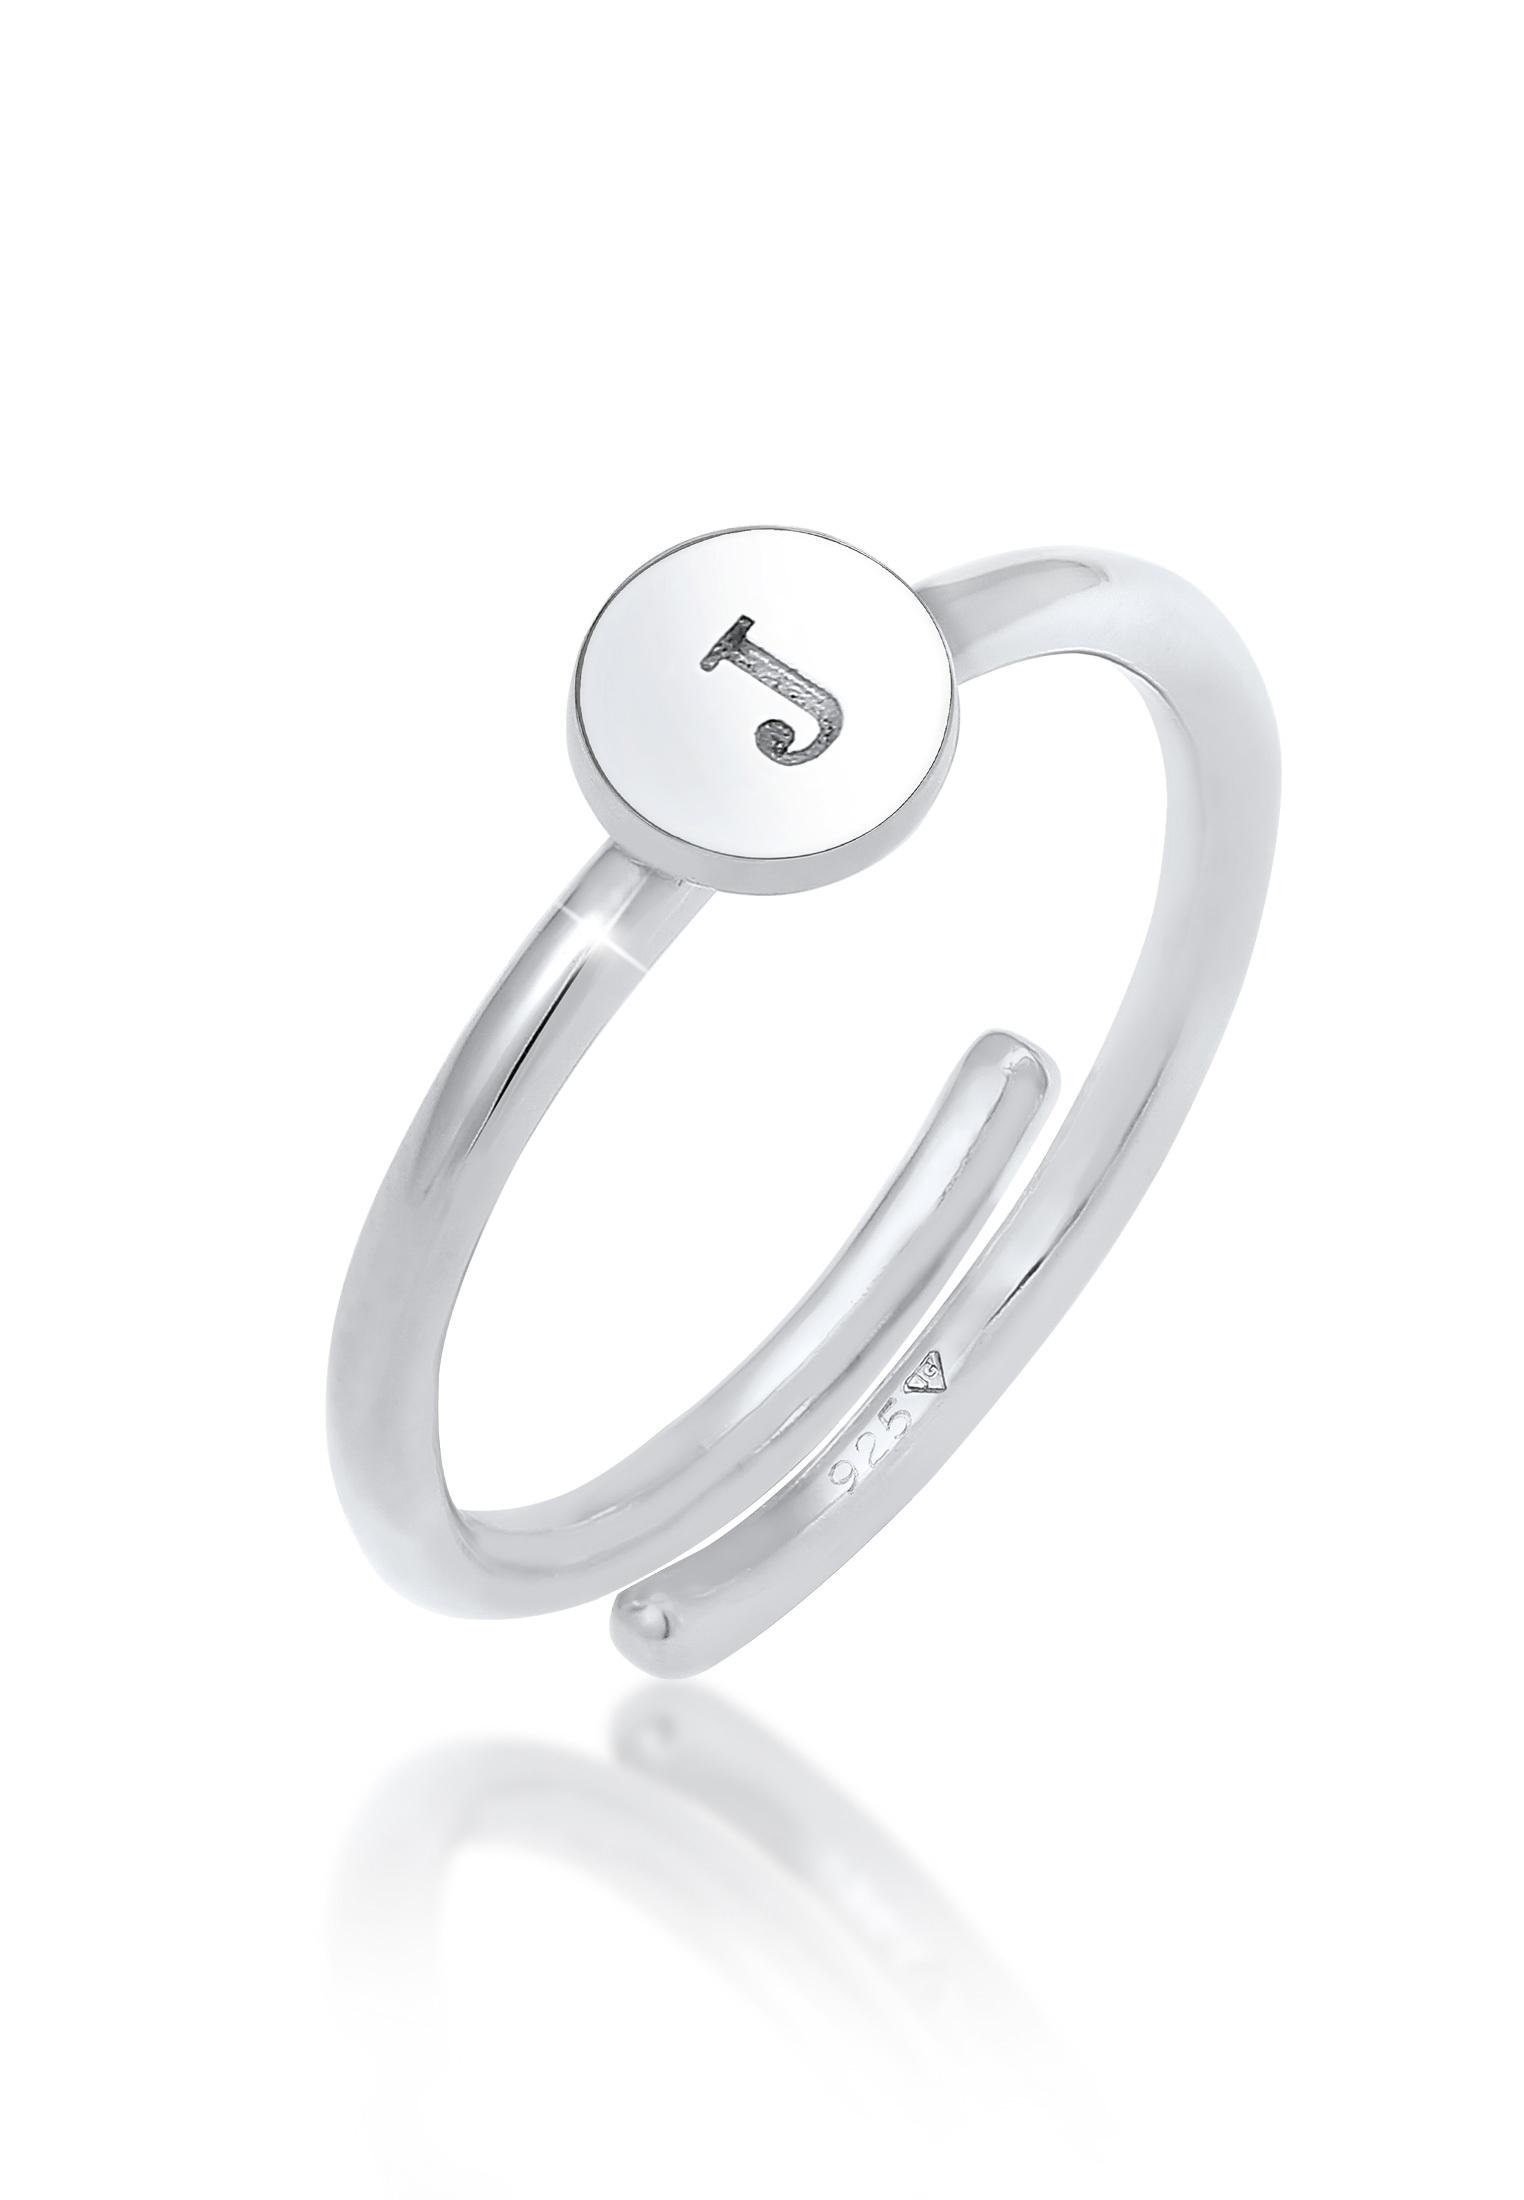 Ring Buchstabe | 925er Sterling Silber